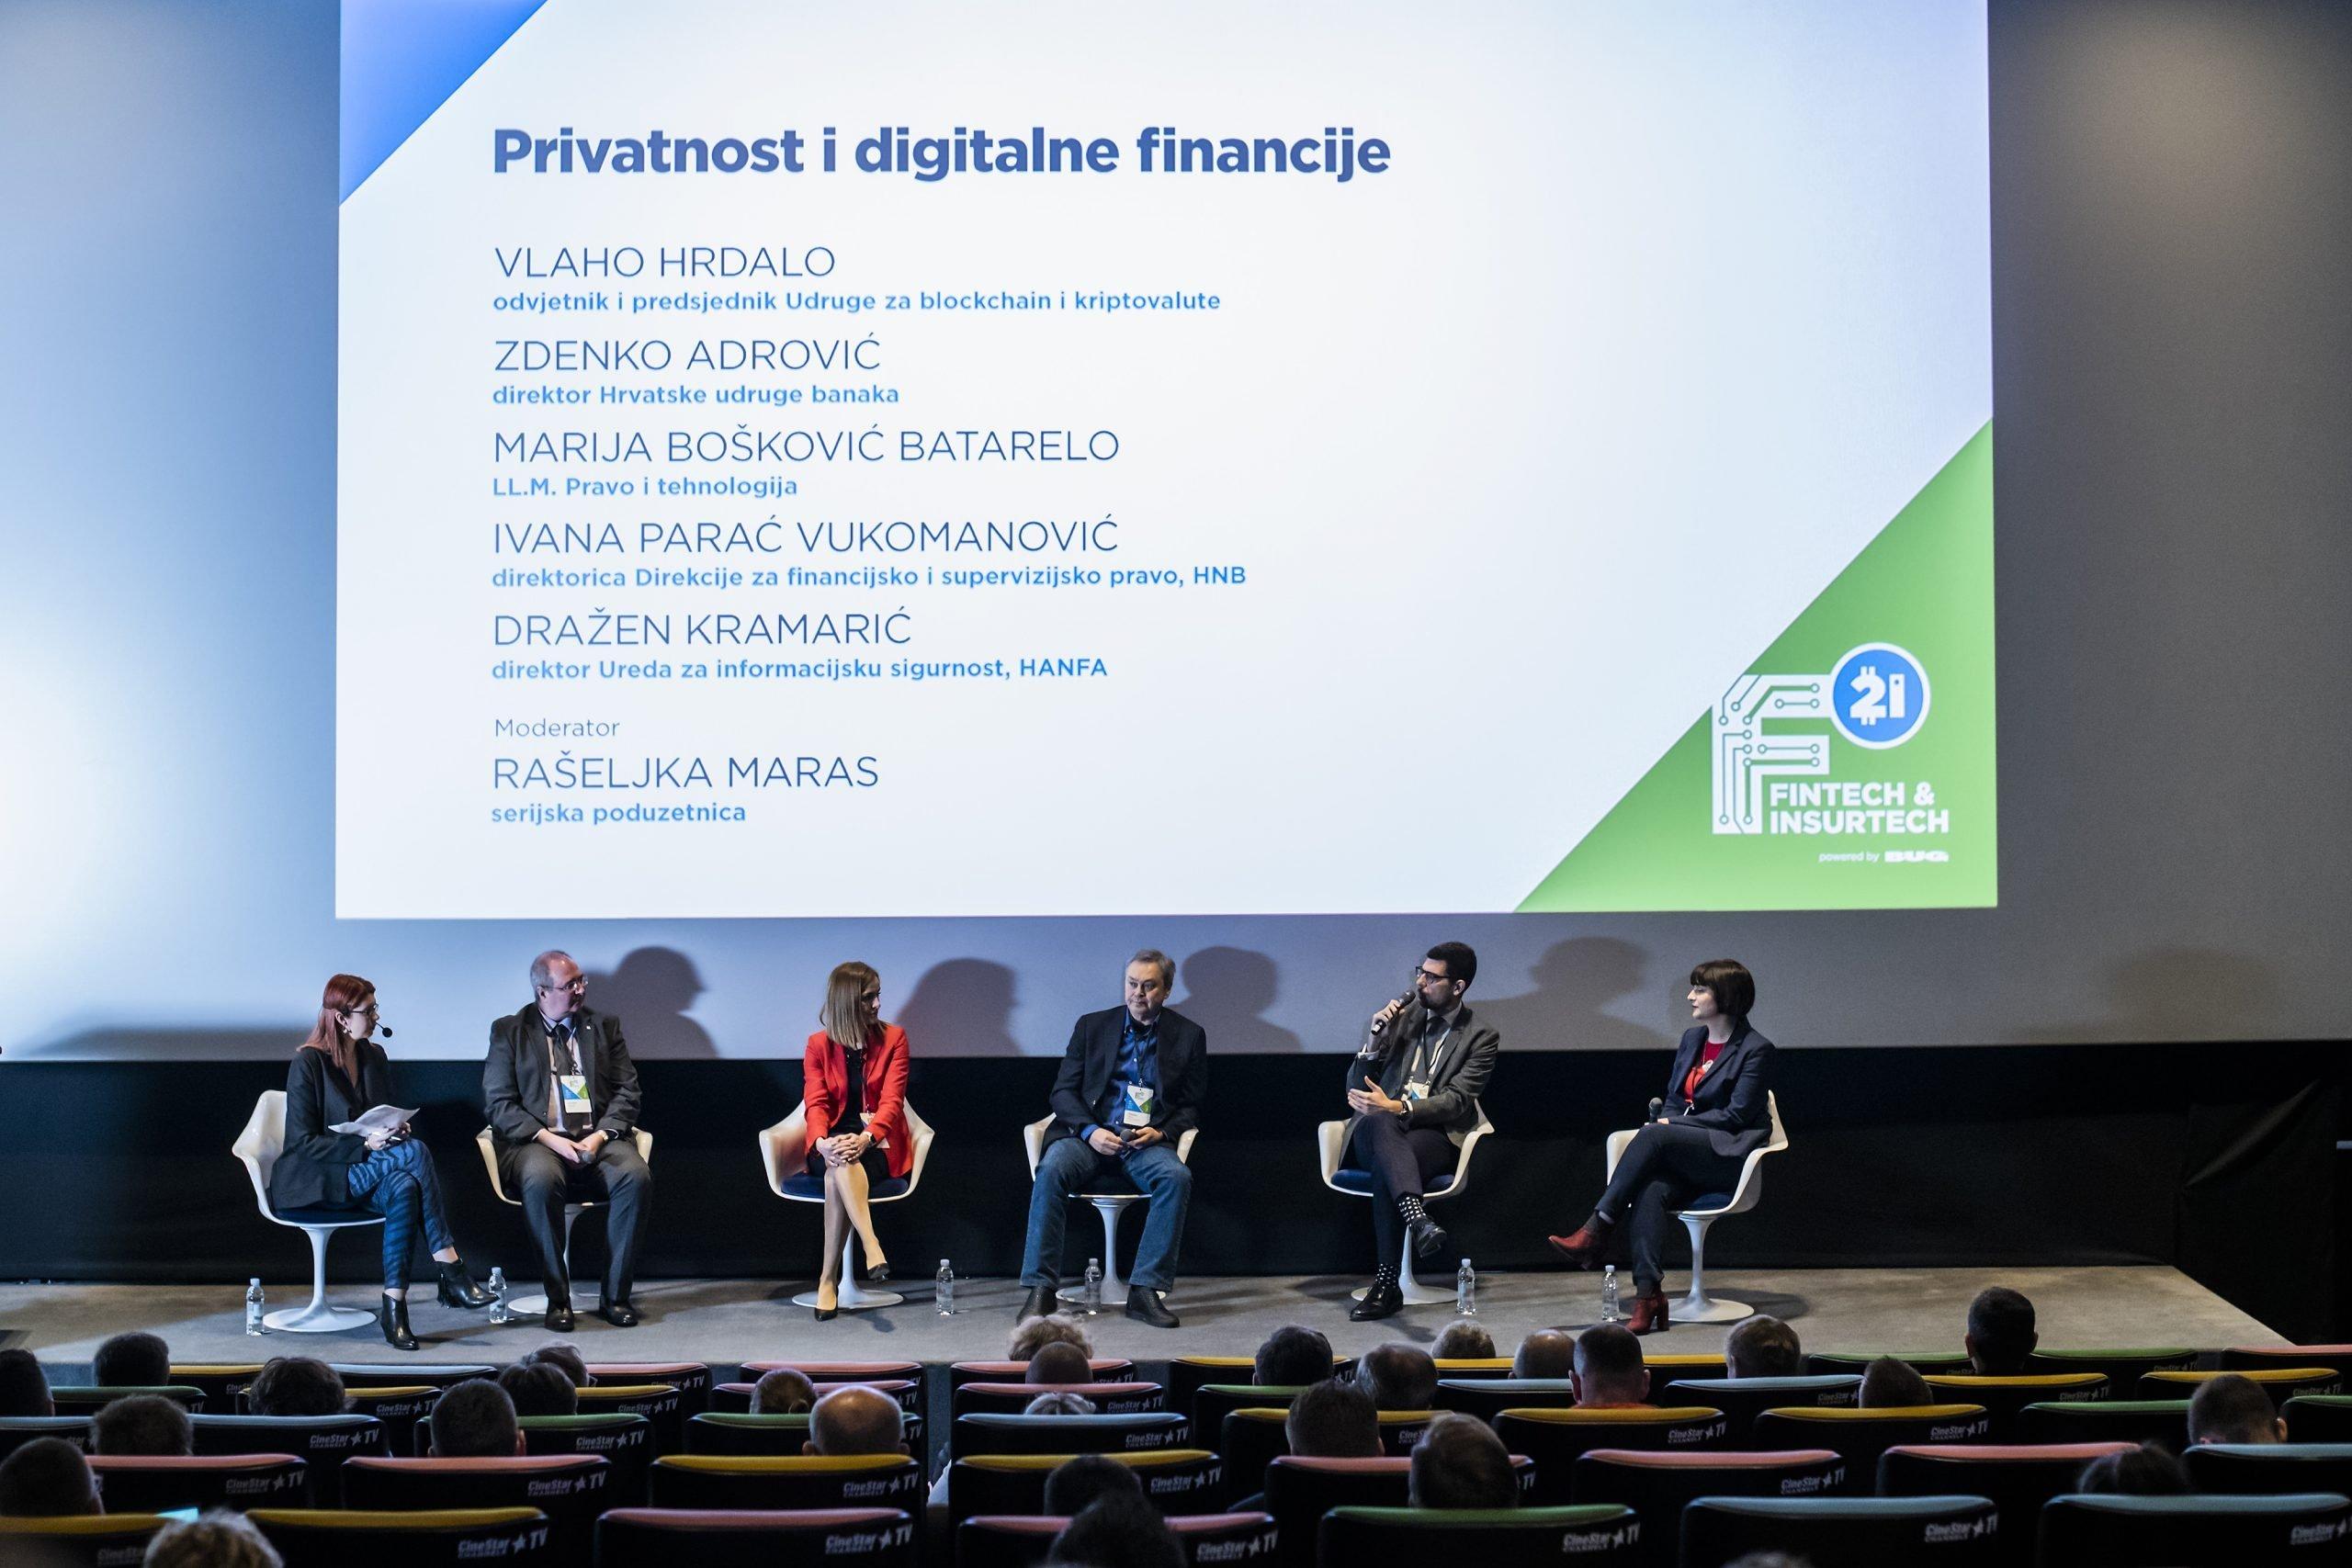 Panel - Privatnost i digitalne financije